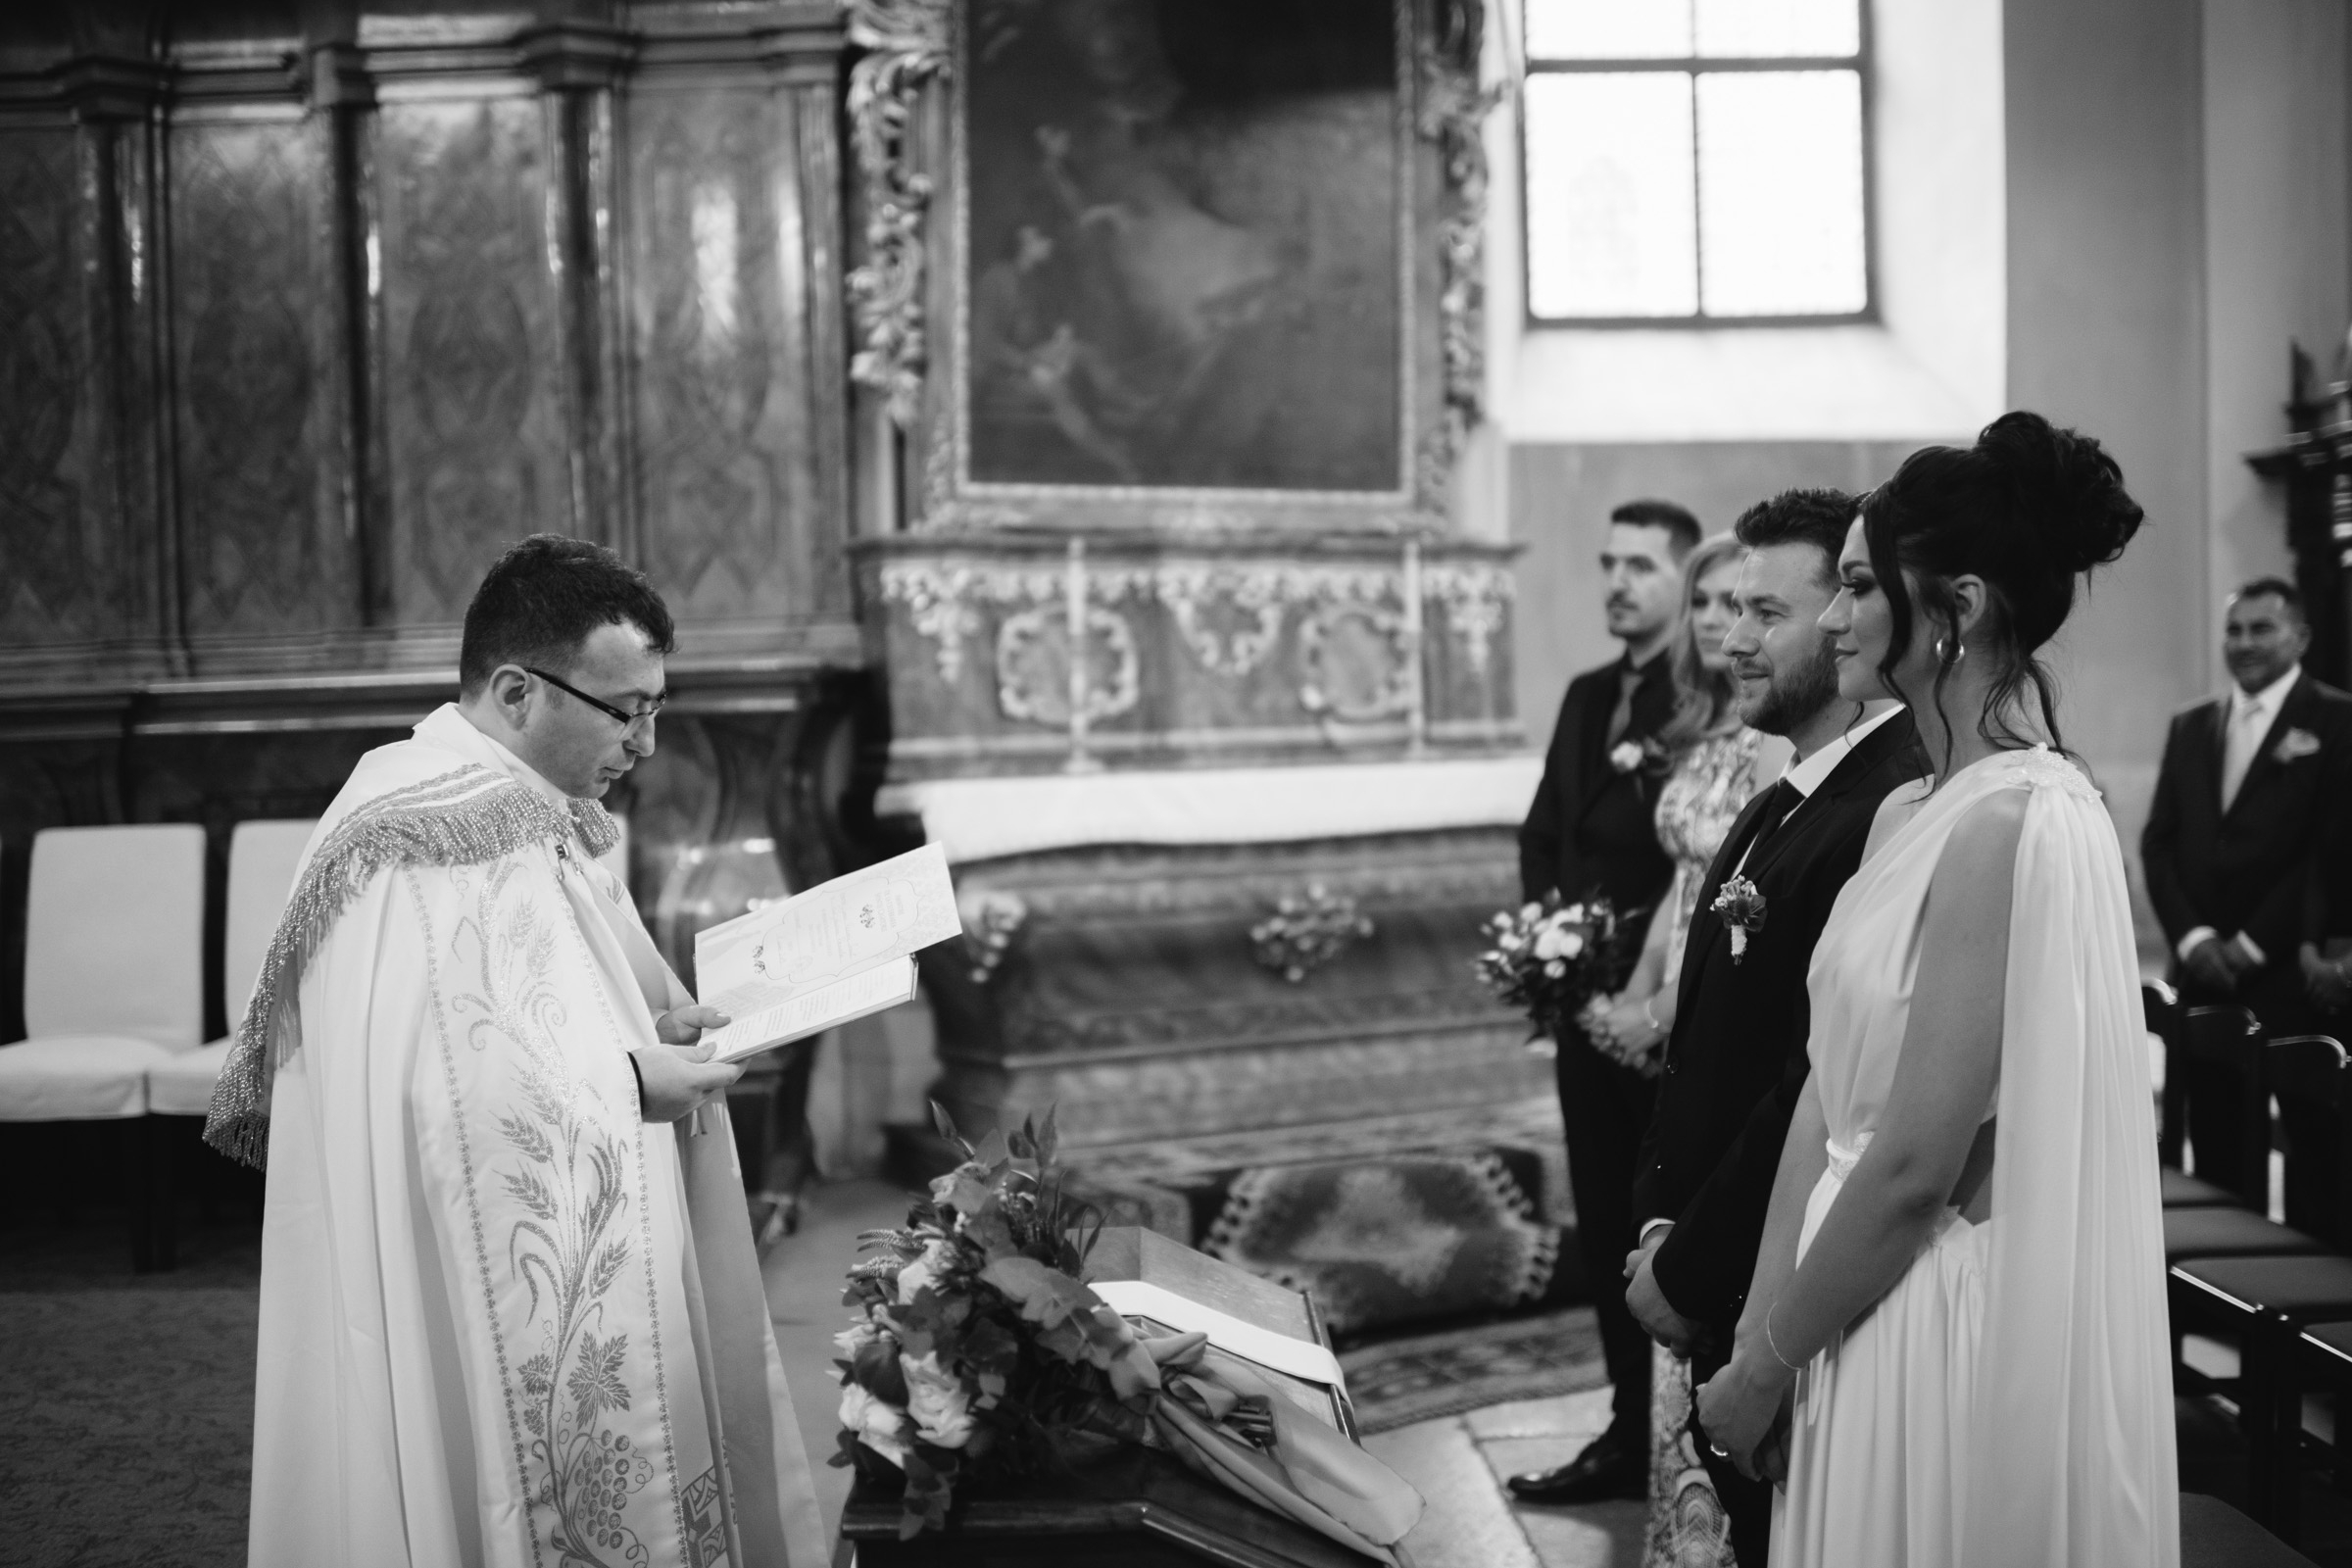 Cluj-Napoca Piarists' Church Wedding Ceremony